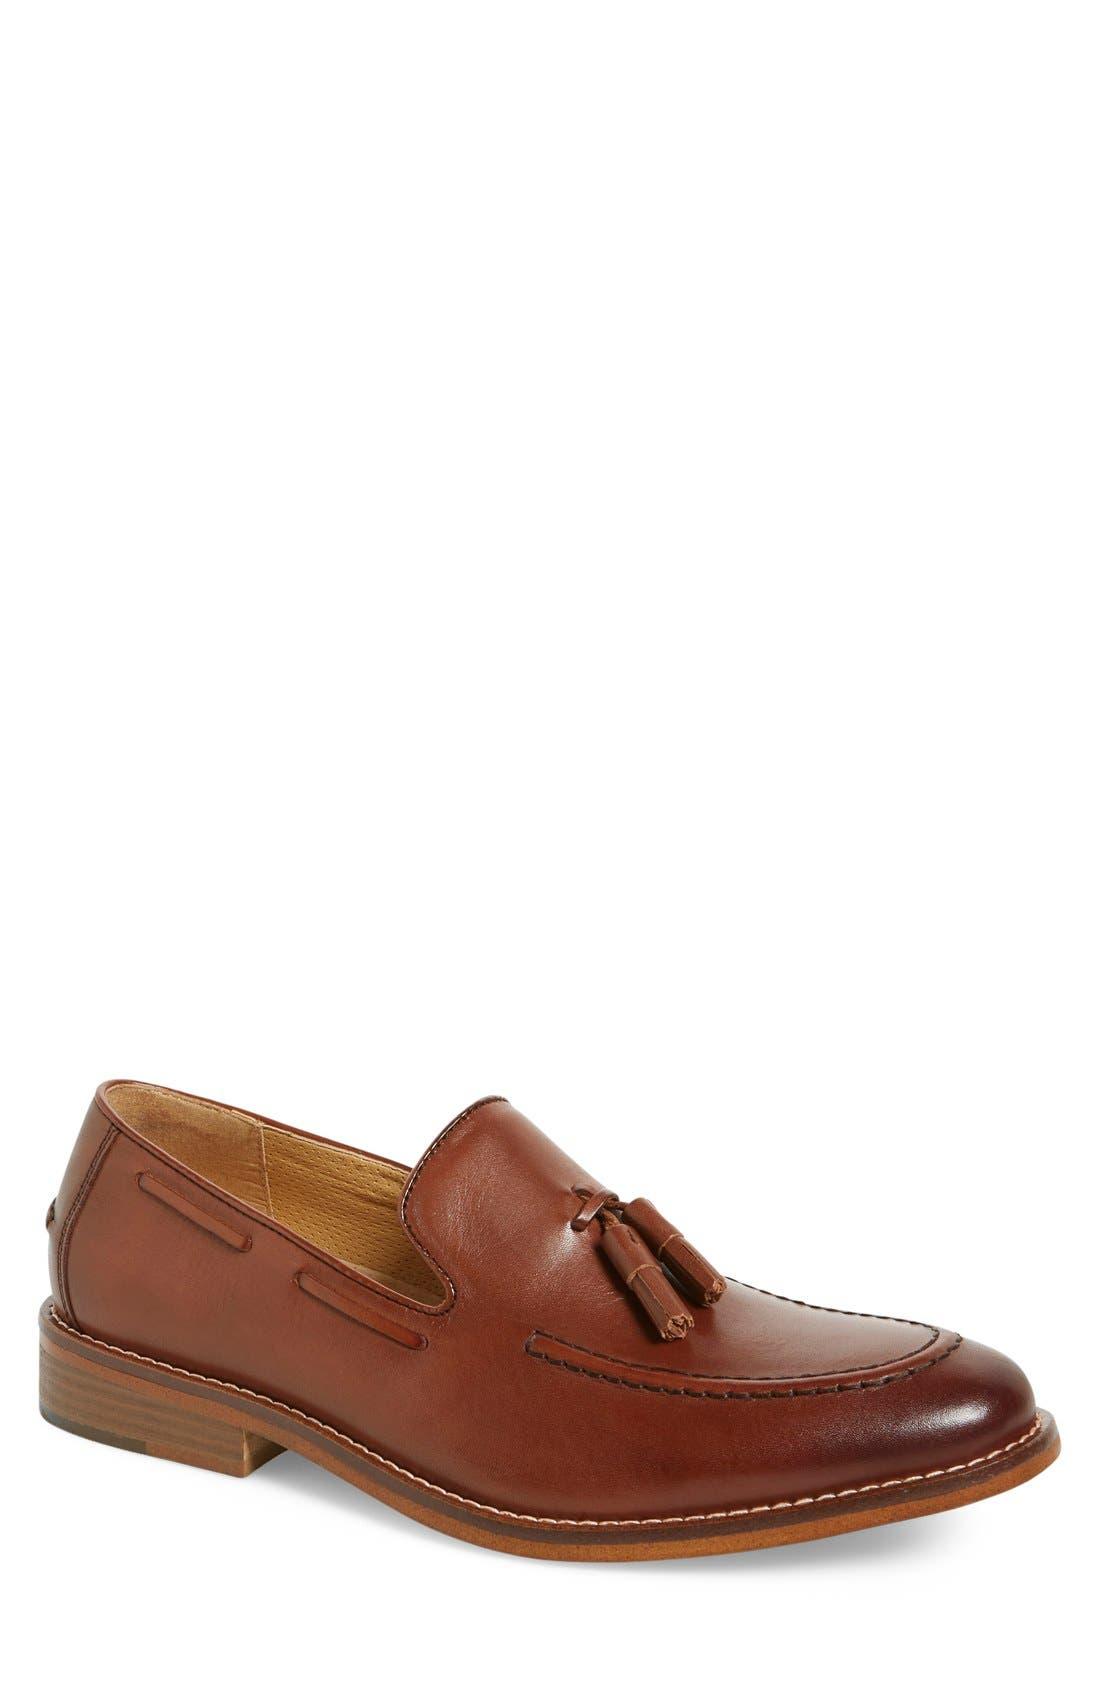 'Cooper' Tassel Loafer,                         Main,                         color, 235